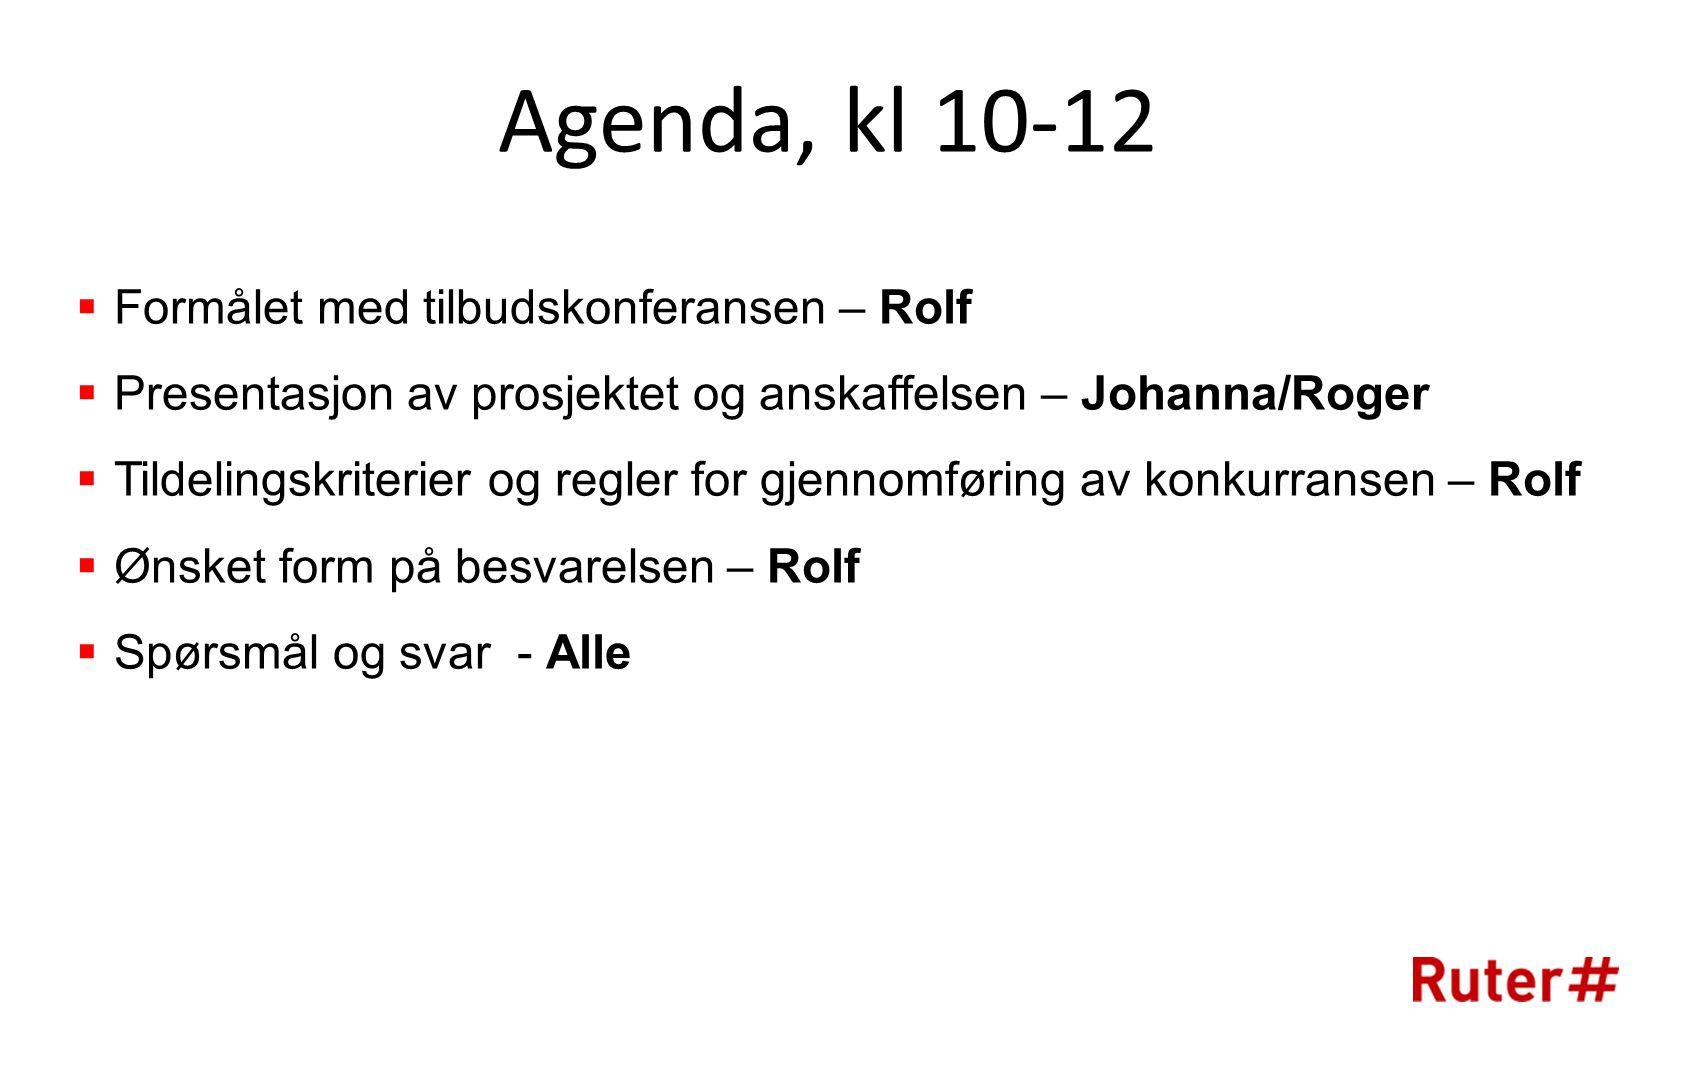 Agenda, kl 10-12  Formålet med tilbudskonferansen – Rolf  Presentasjon av prosjektet og anskaffelsen – Johanna/Roger  Tildelingskriterier og regler for gjennomføring av konkurransen – Rolf  Ønsket form på besvarelsen – Rolf  Spørsmål og svar - Alle